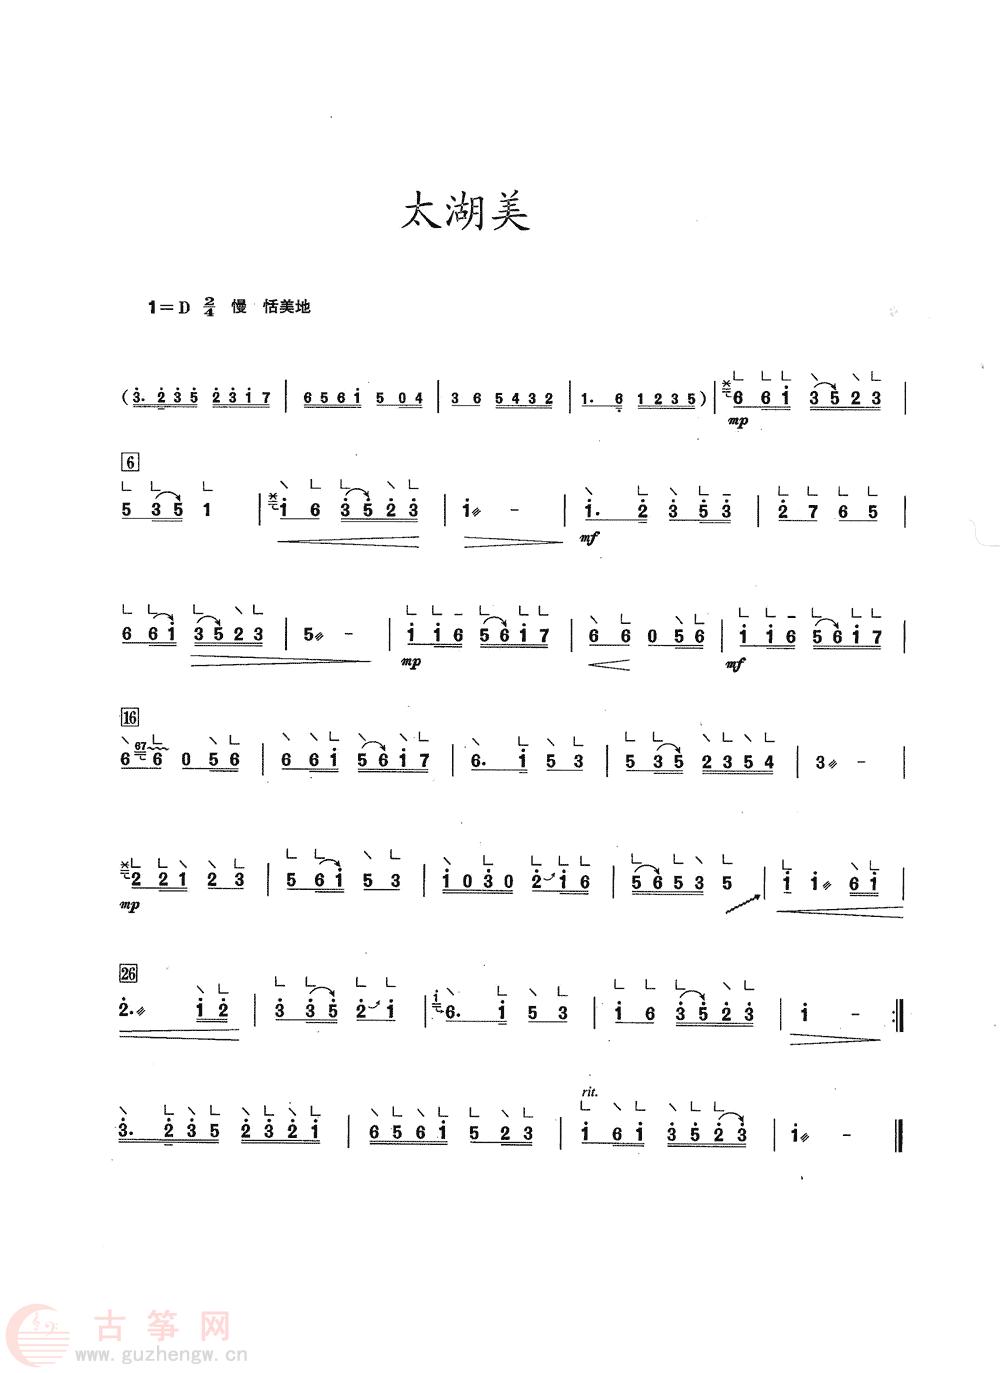 太湖美(d调曲谱) - 流行古筝曲谱 - 中国古筝商城